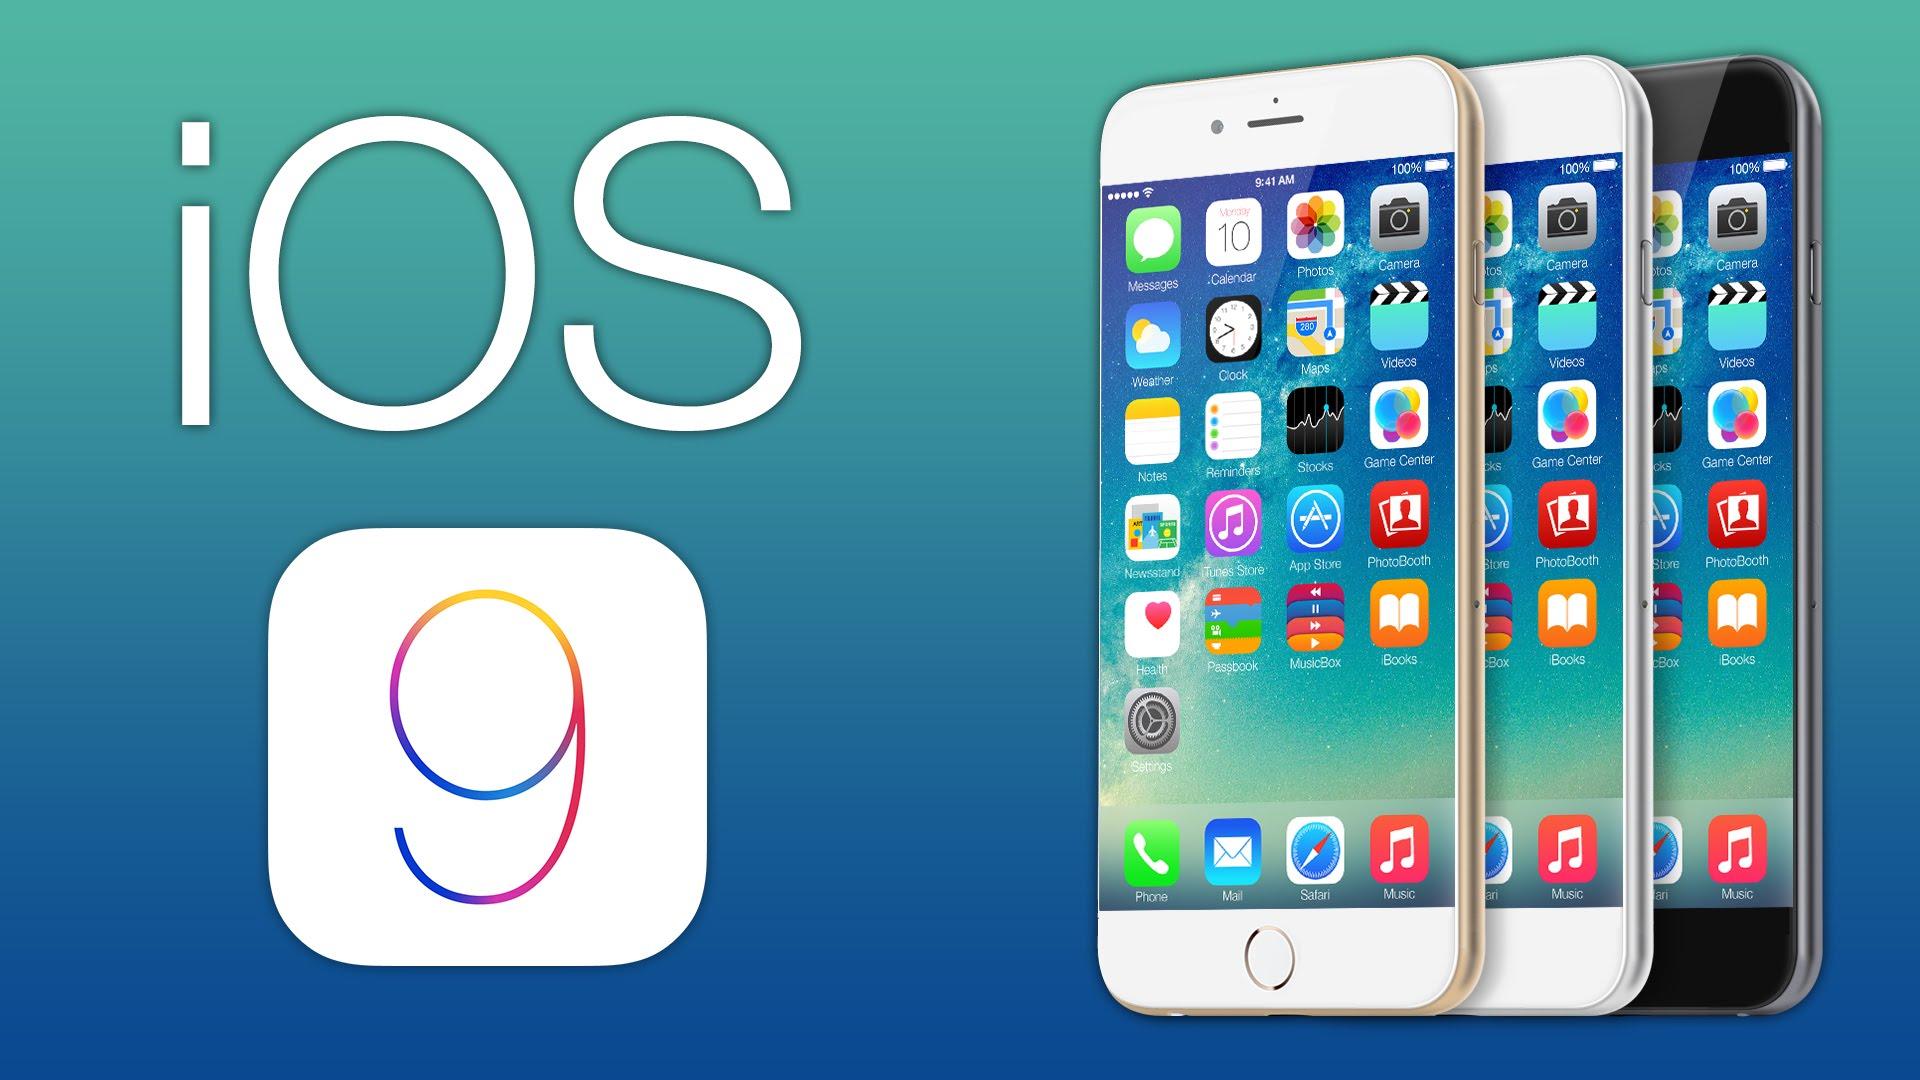 【iPhone】iOS 9以上にアップデートした方、動き遅くないですか? この設定を試してみて!